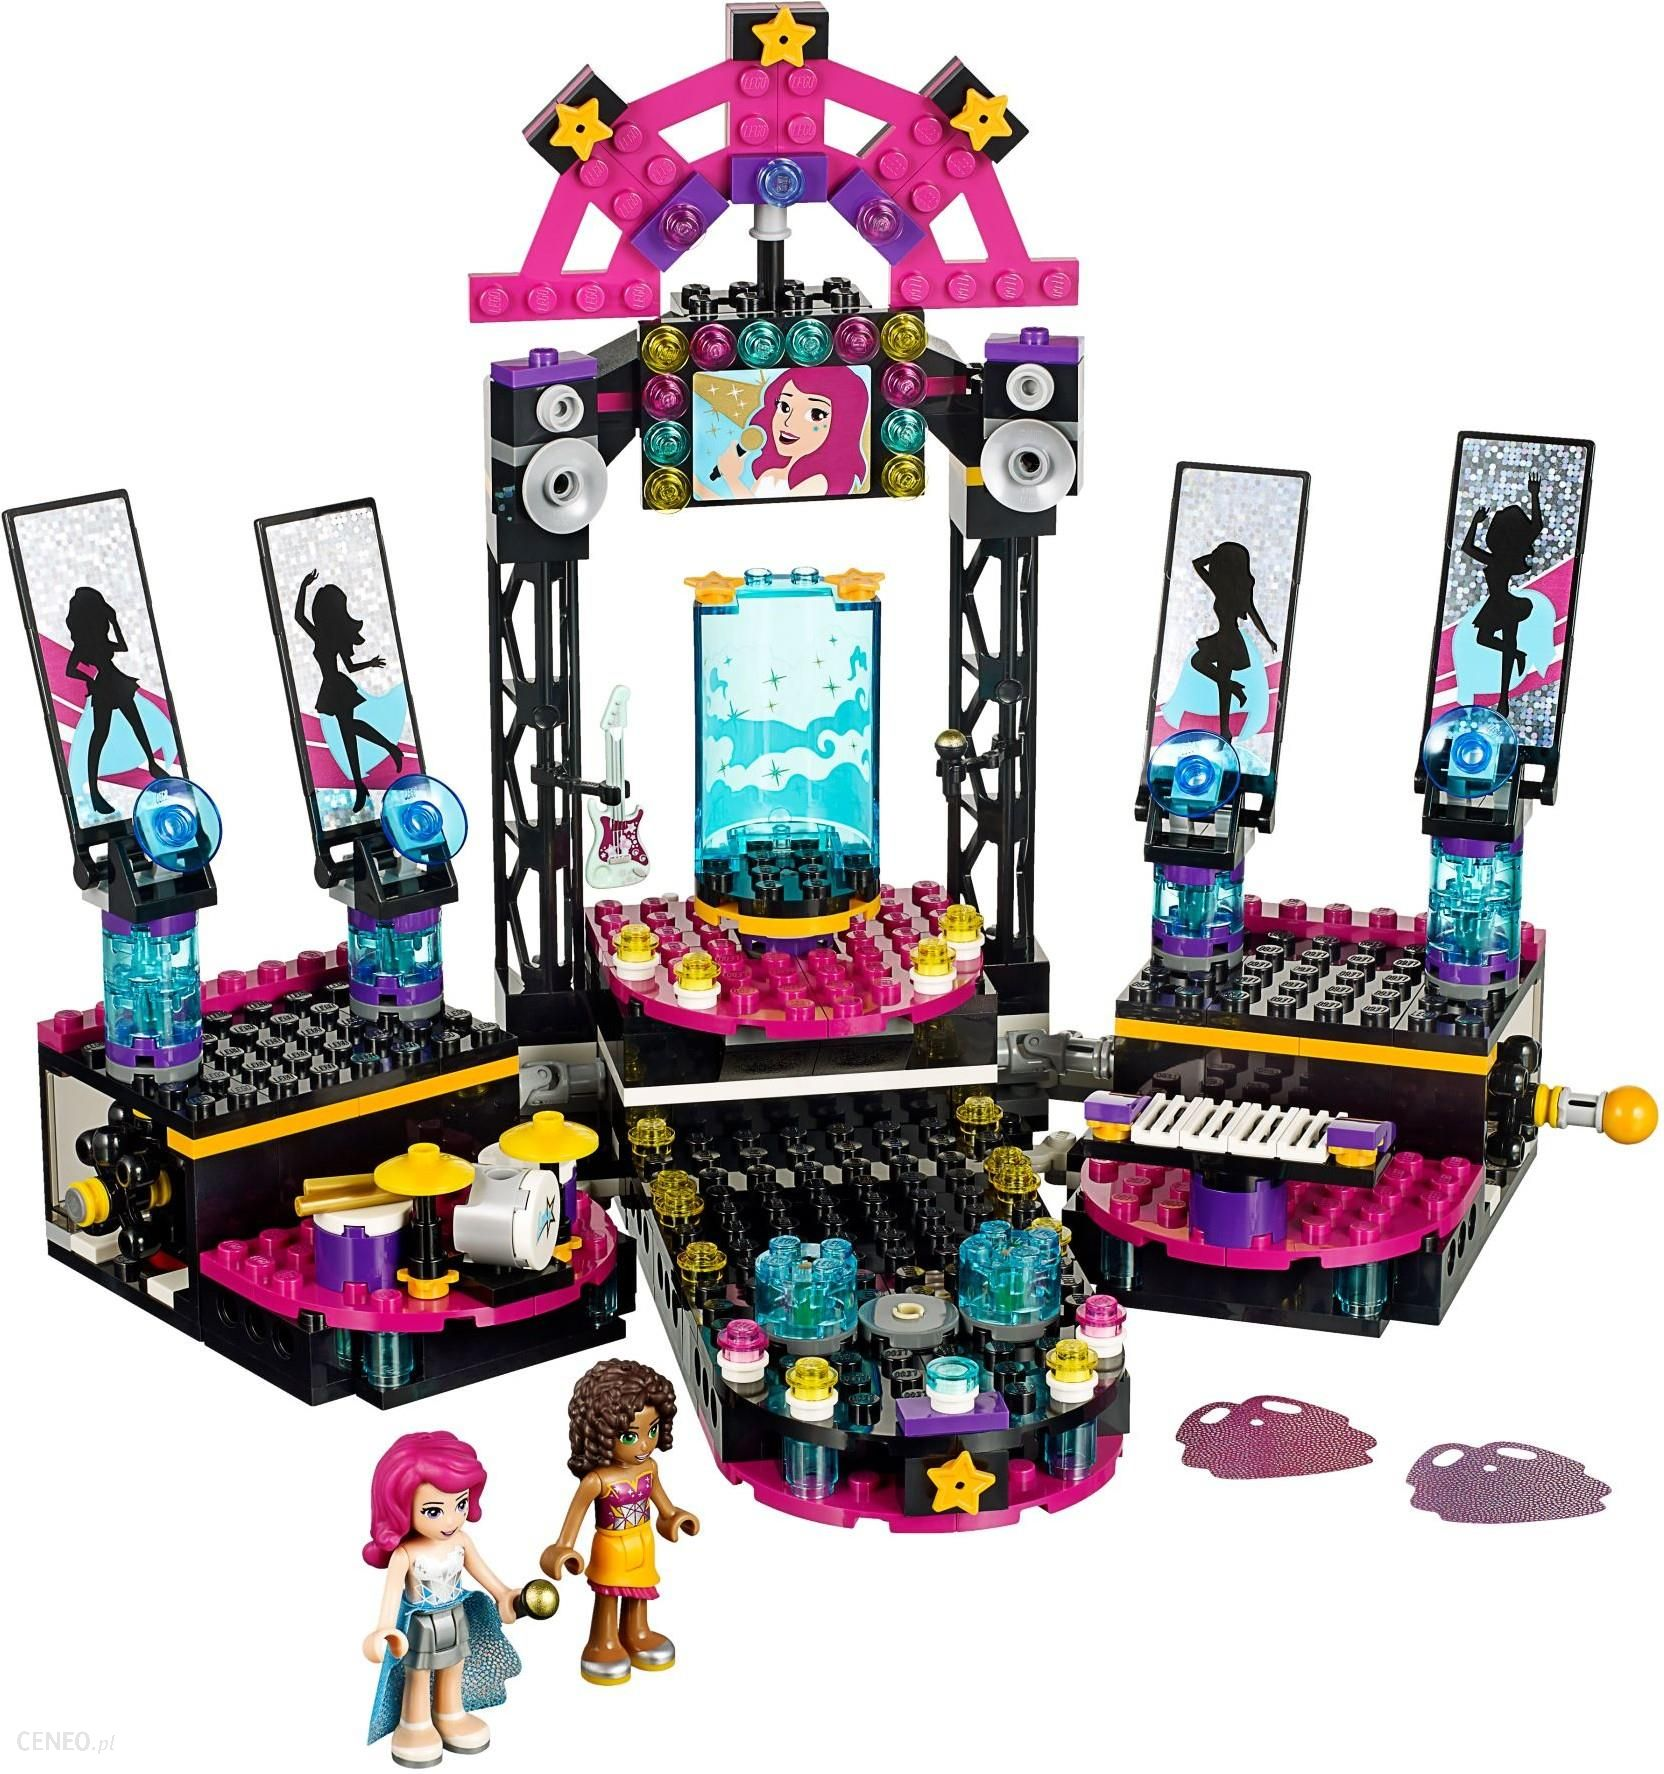 Klocki Lego Friends Scena Gwiazdy Pop 41105 Ceny I Opinie Ceneopl